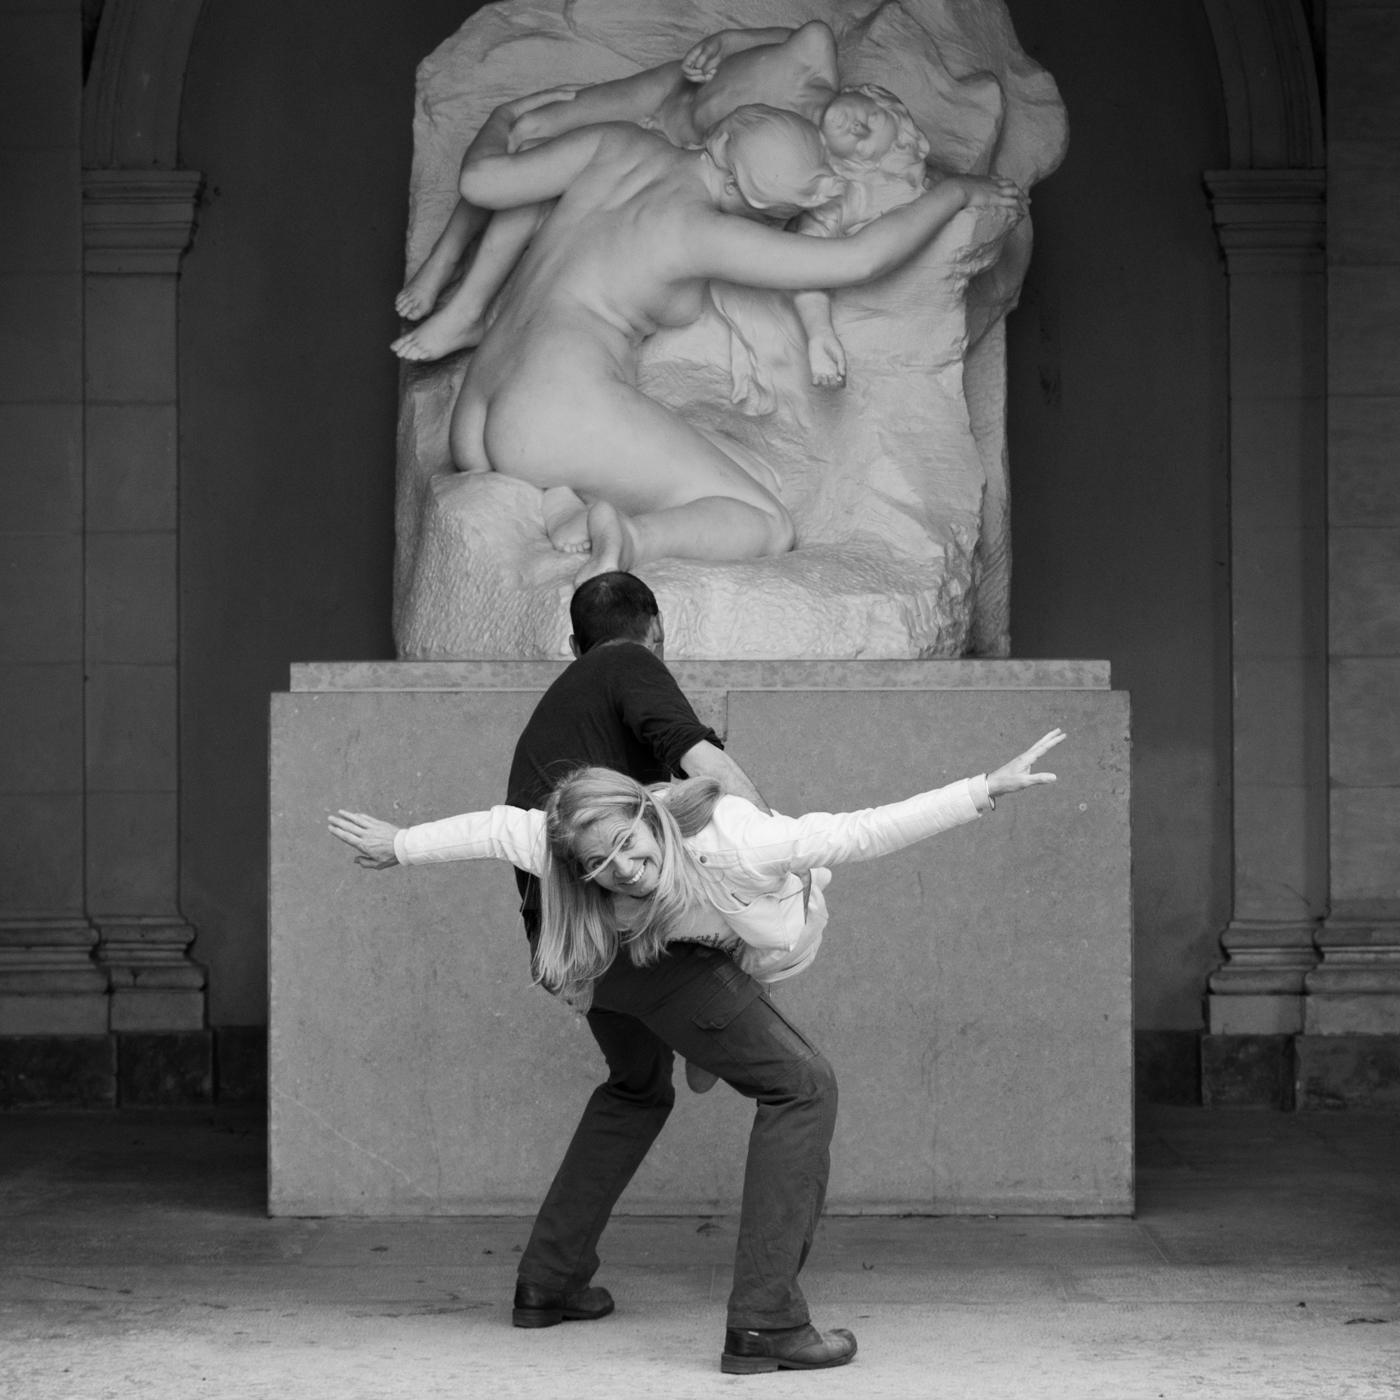 Musée_Lyon_2016_-_Autoportrait_en_blanc